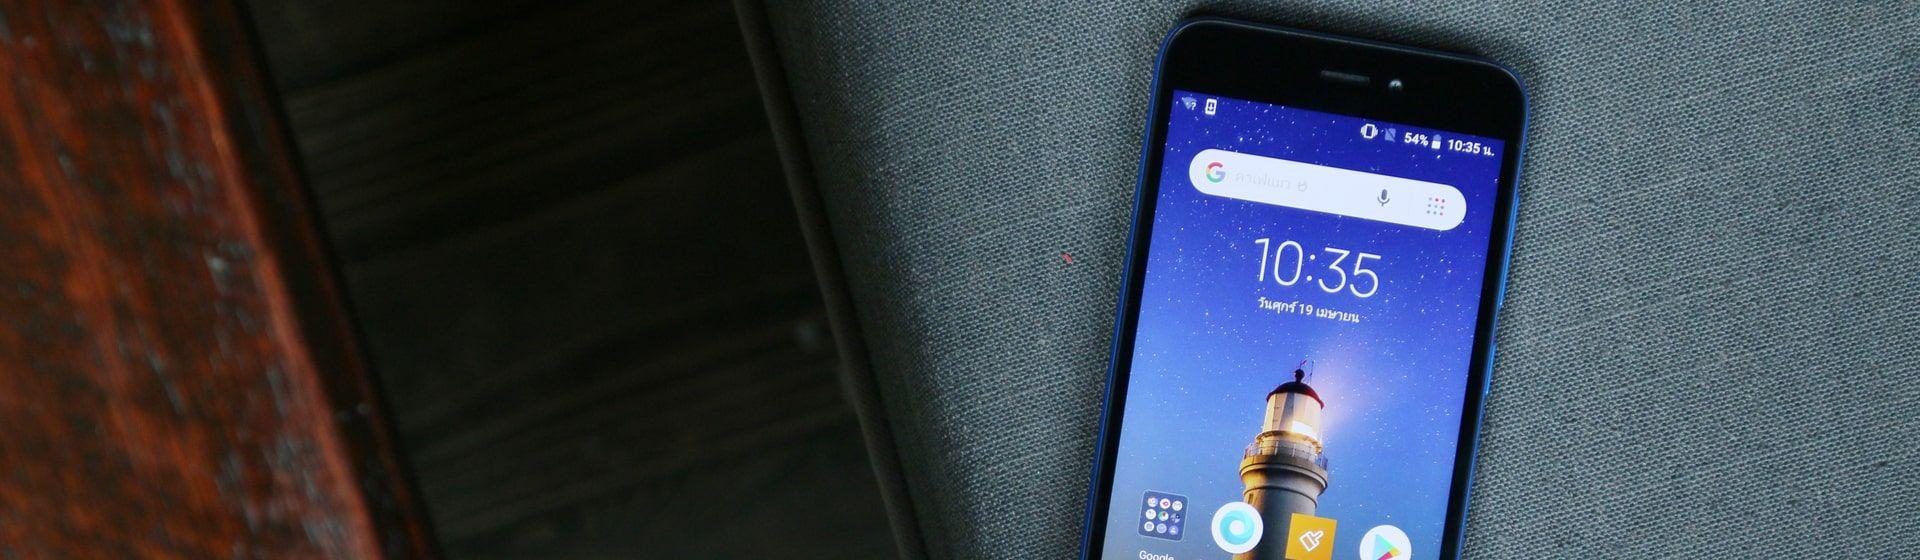 Redmi Go é bom? Veja a ficha técnica do celular da Xiaomi